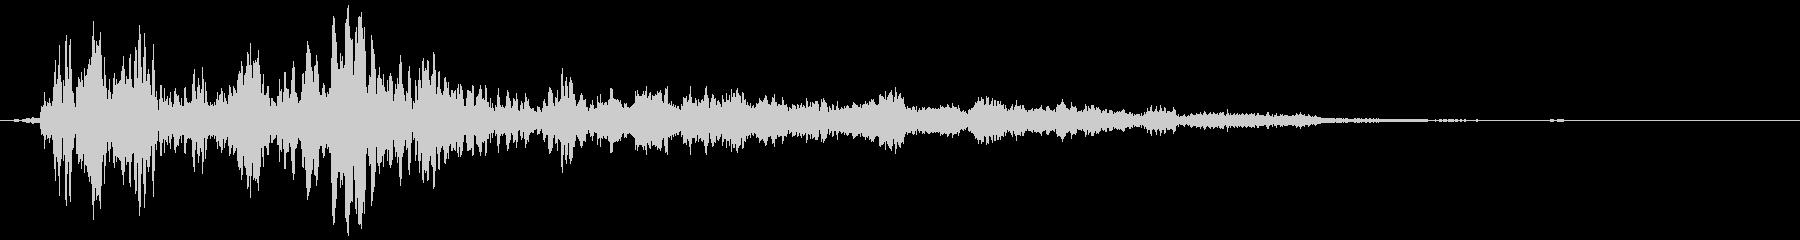 【ホラー】SFX_40 ギーッッッの未再生の波形